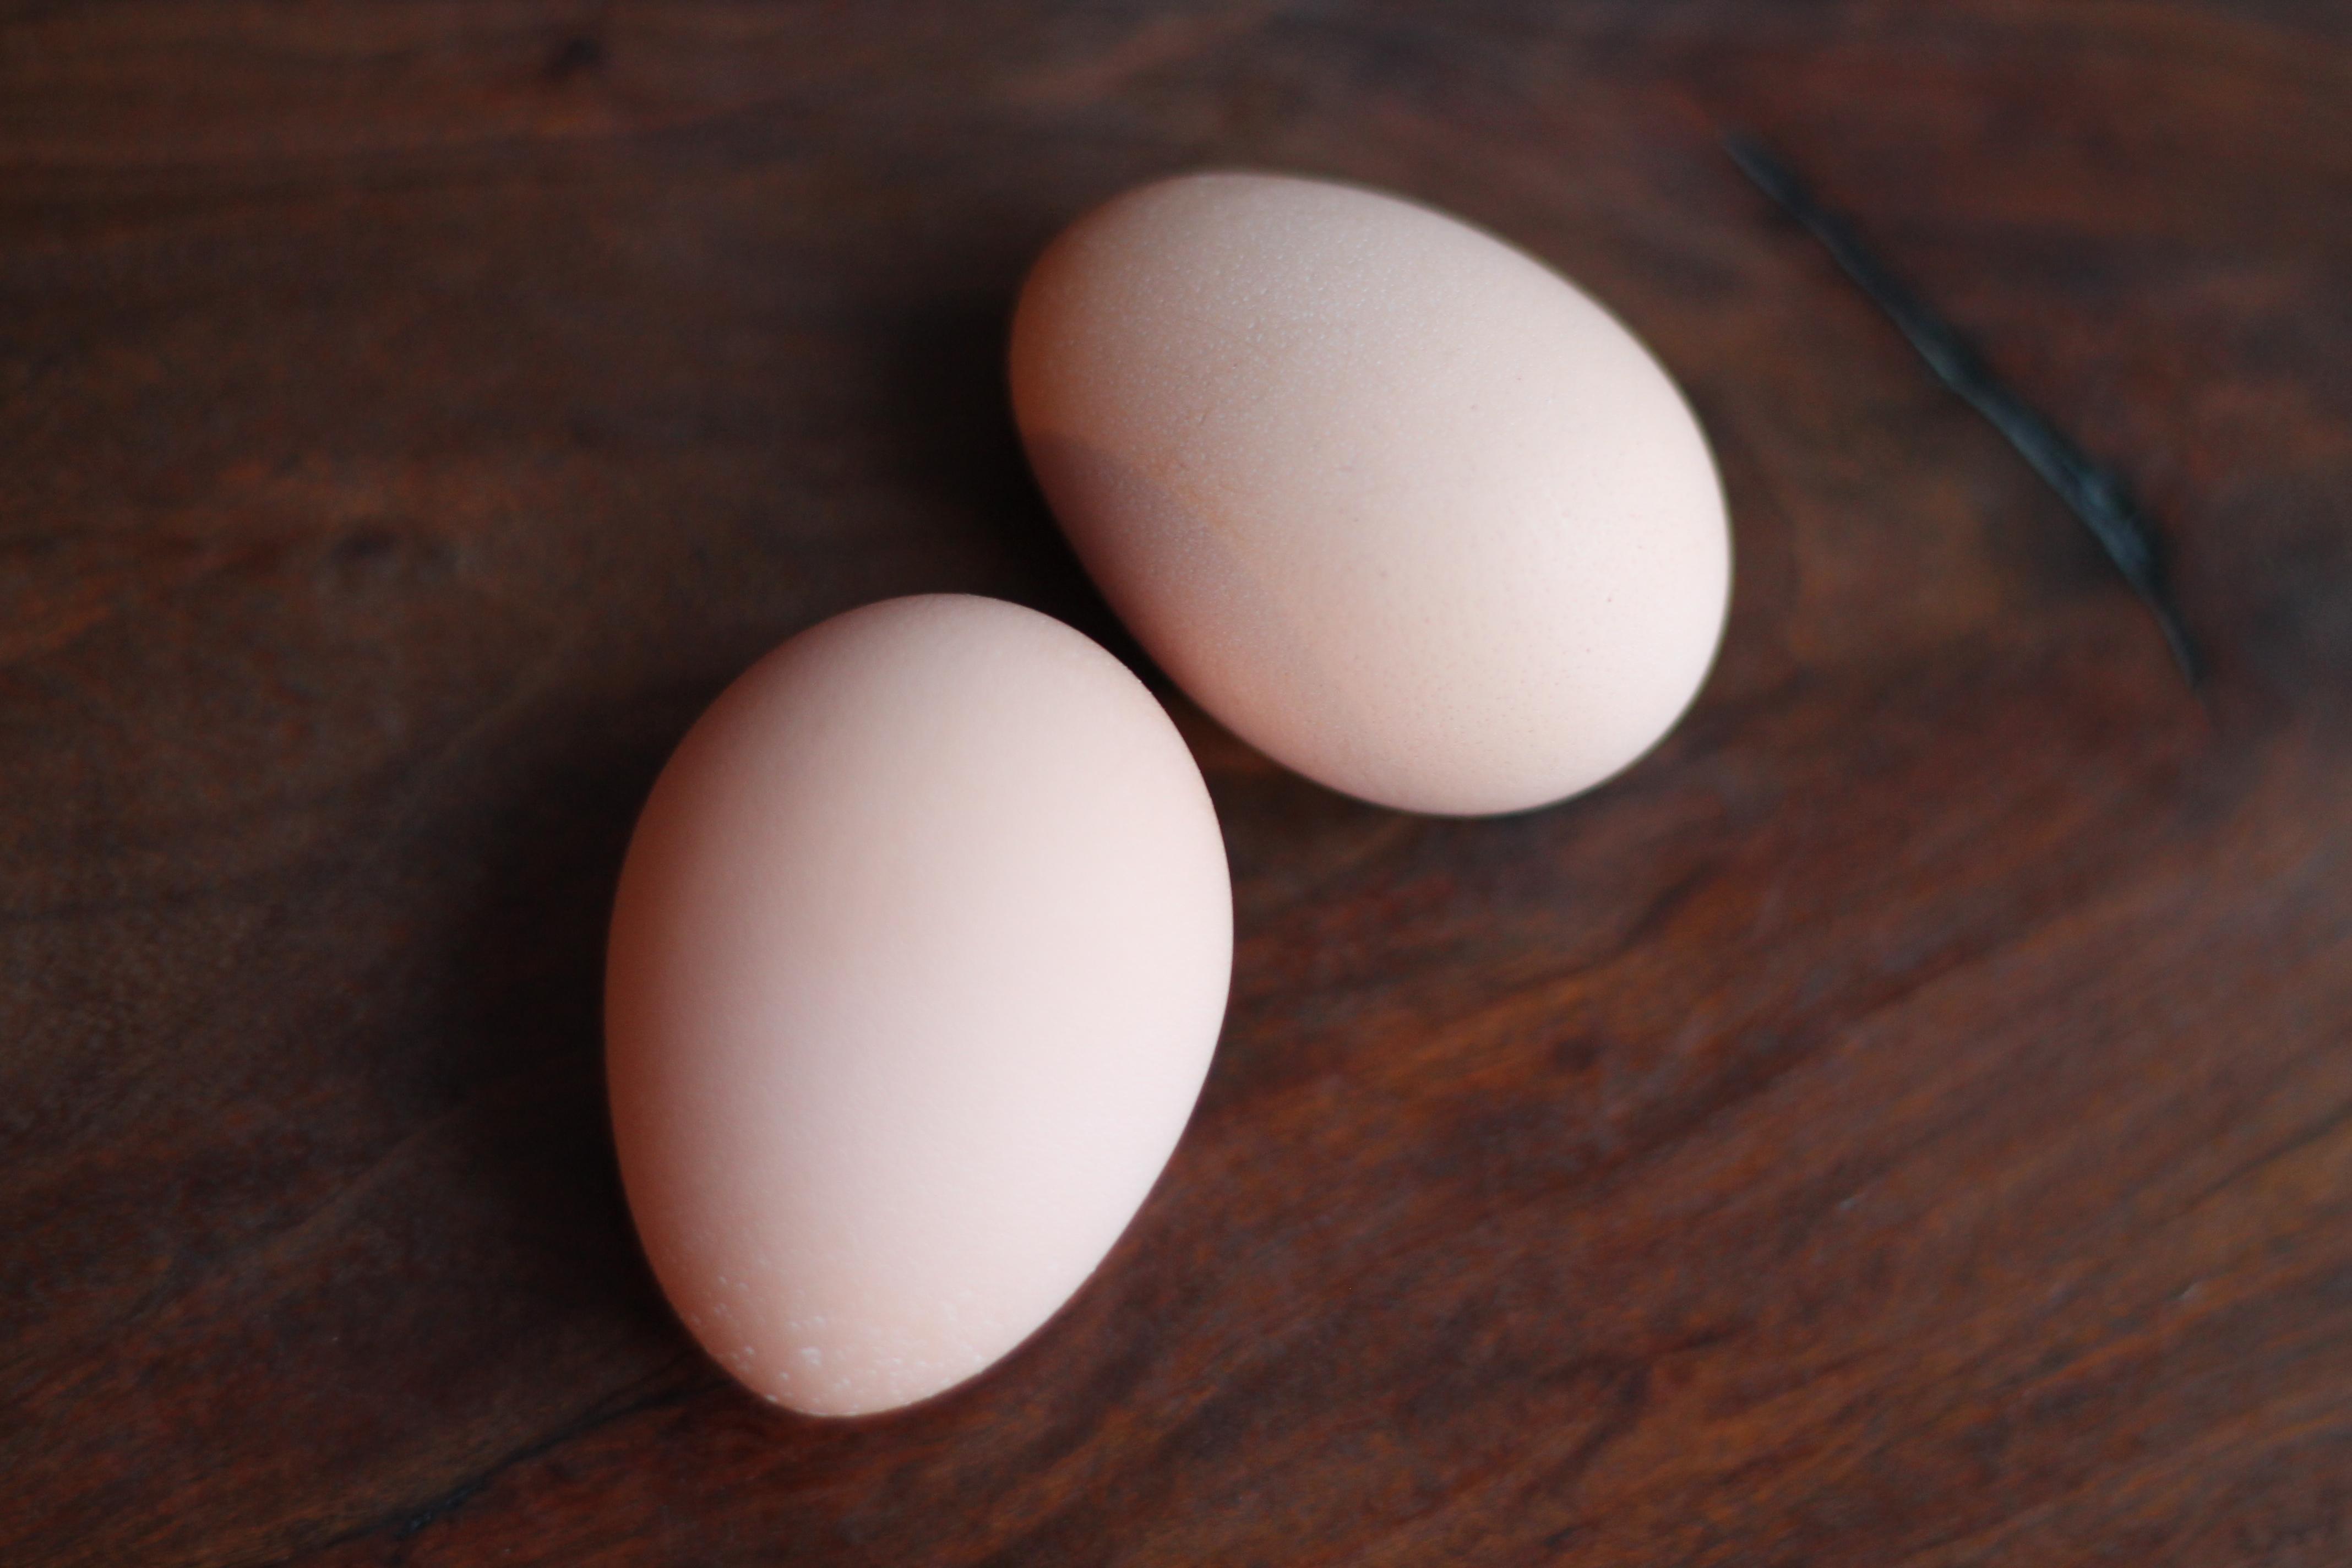 Вместе с яйцами #15